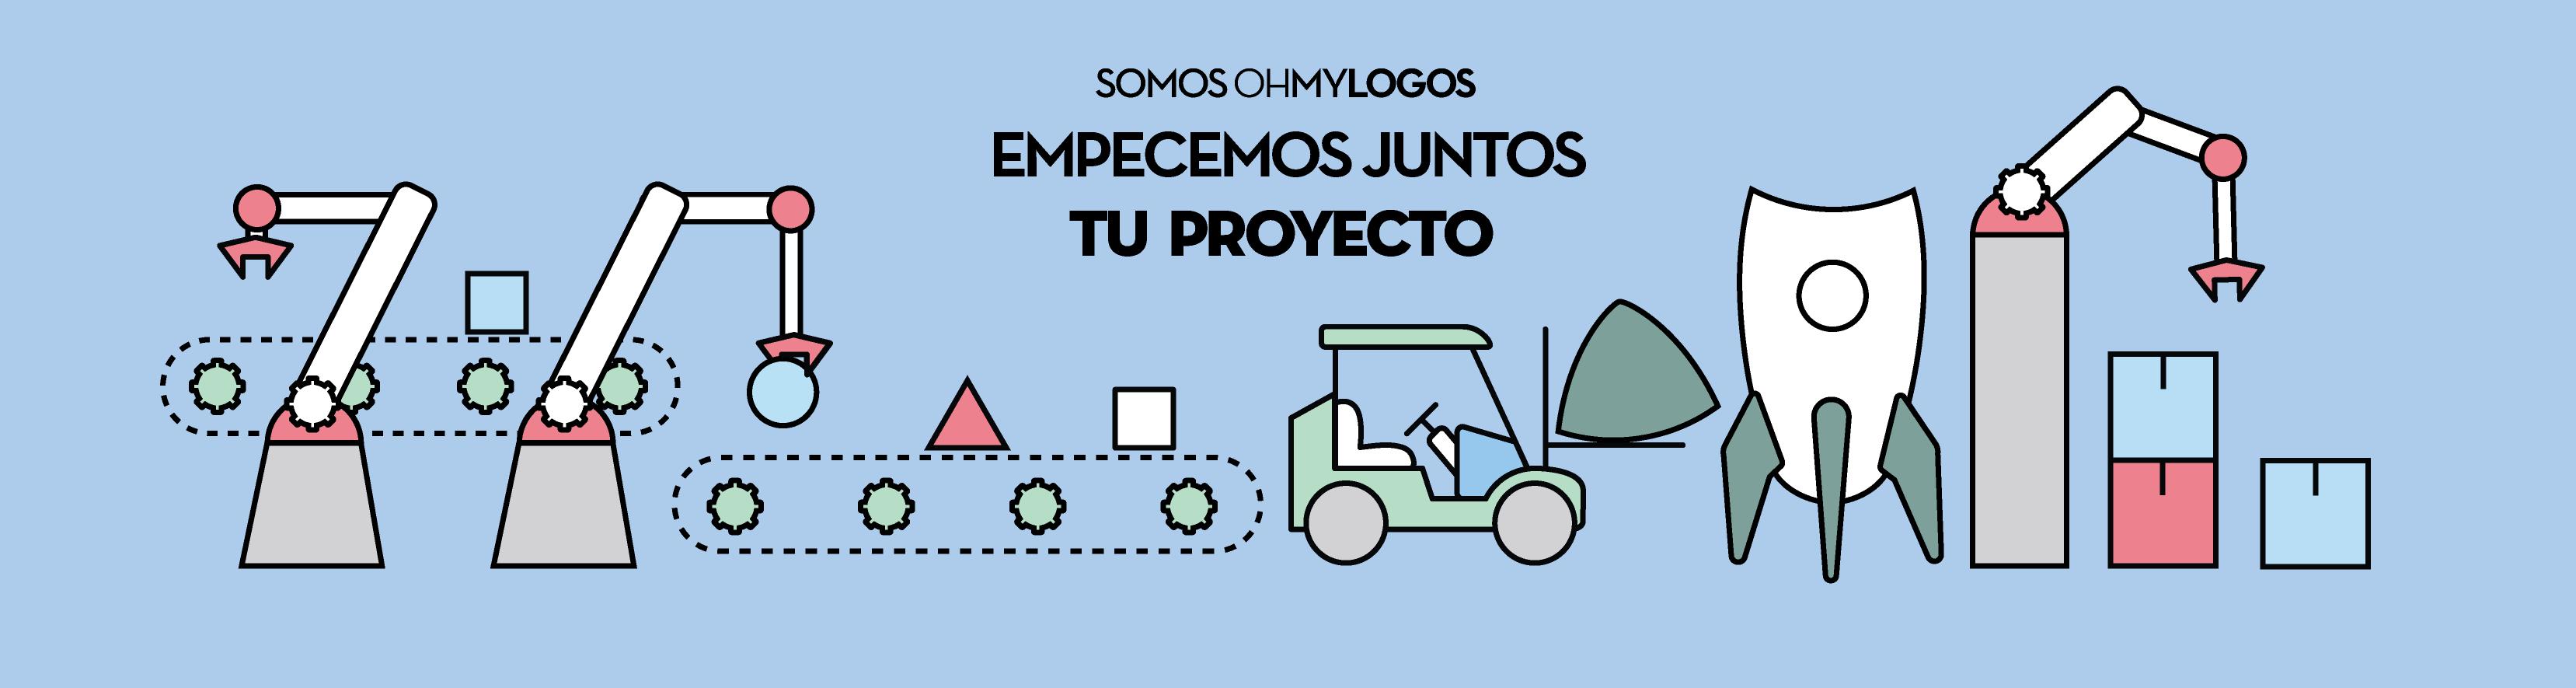 empezemos juntos tu proyecto oh my logos banner branding diseño grafico